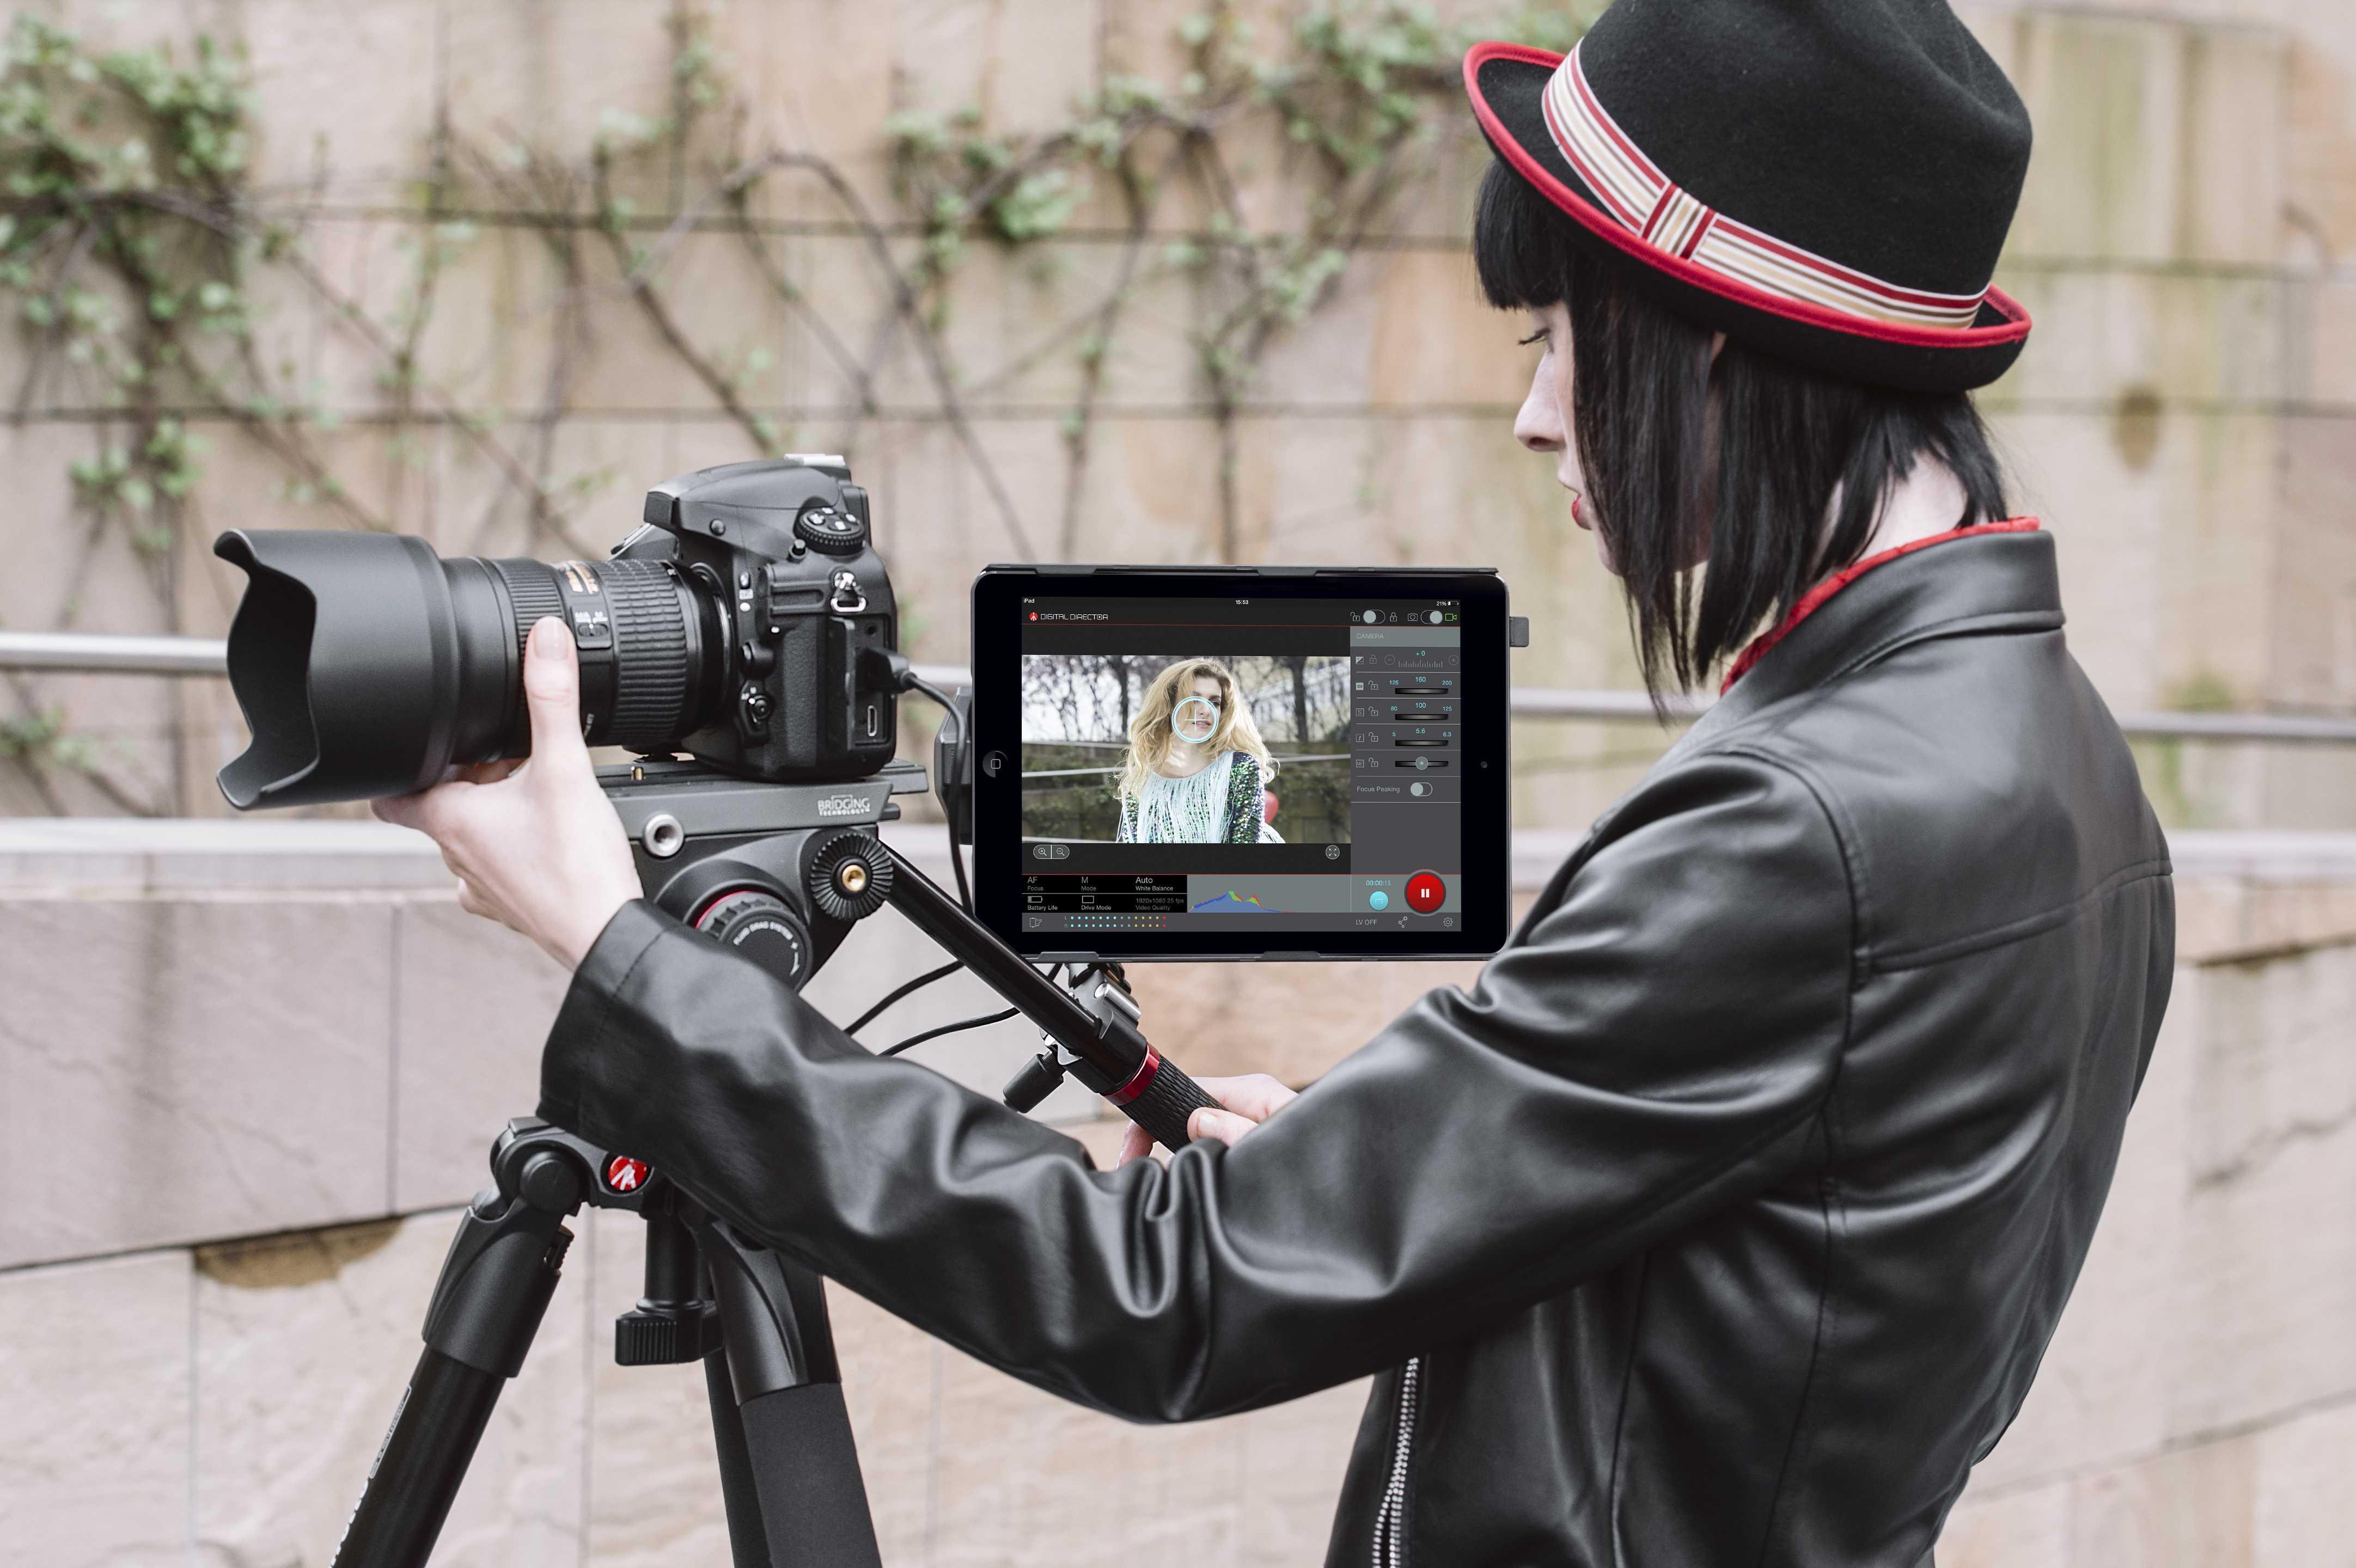 Рейтинг лучших систем видеонаблюдения для дома и дачи на 2020 год